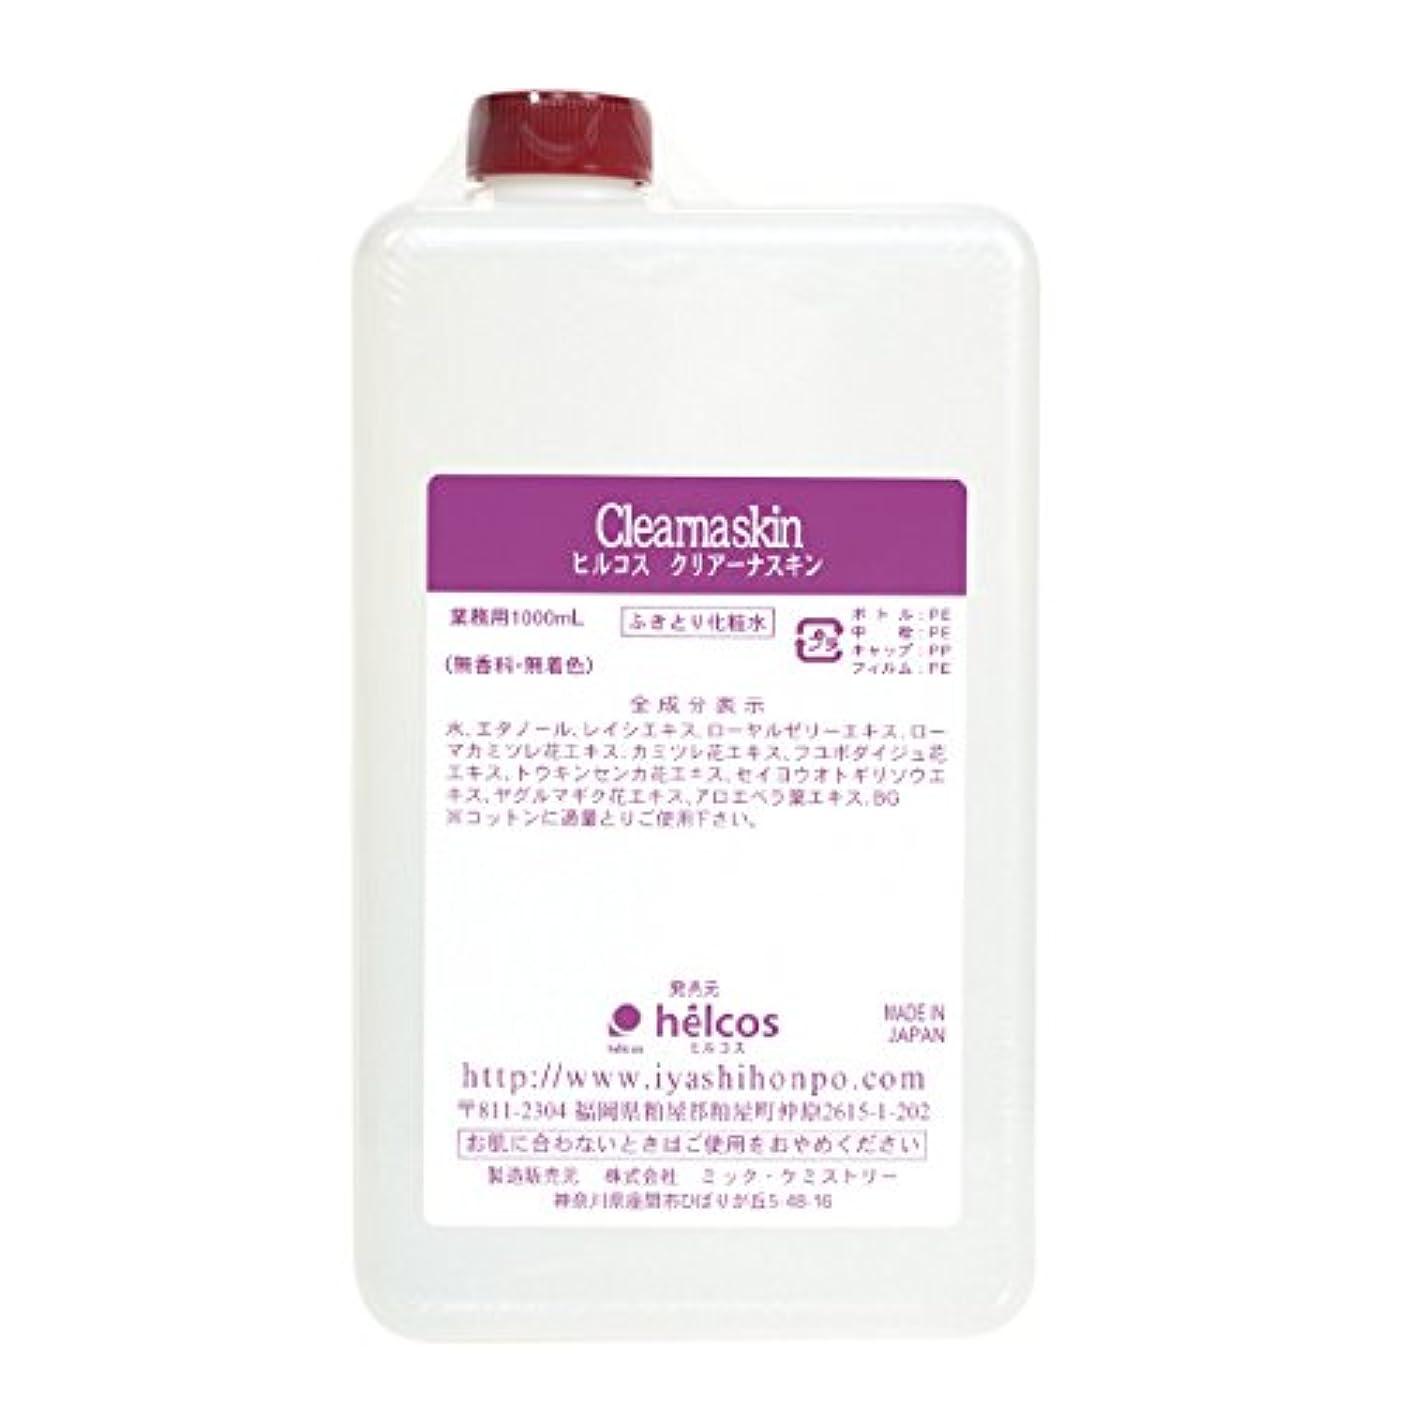 血色の良い保全出発するヒルコス まつげエクステ前処理剤 クリアーナスキン 1000mL 業務用